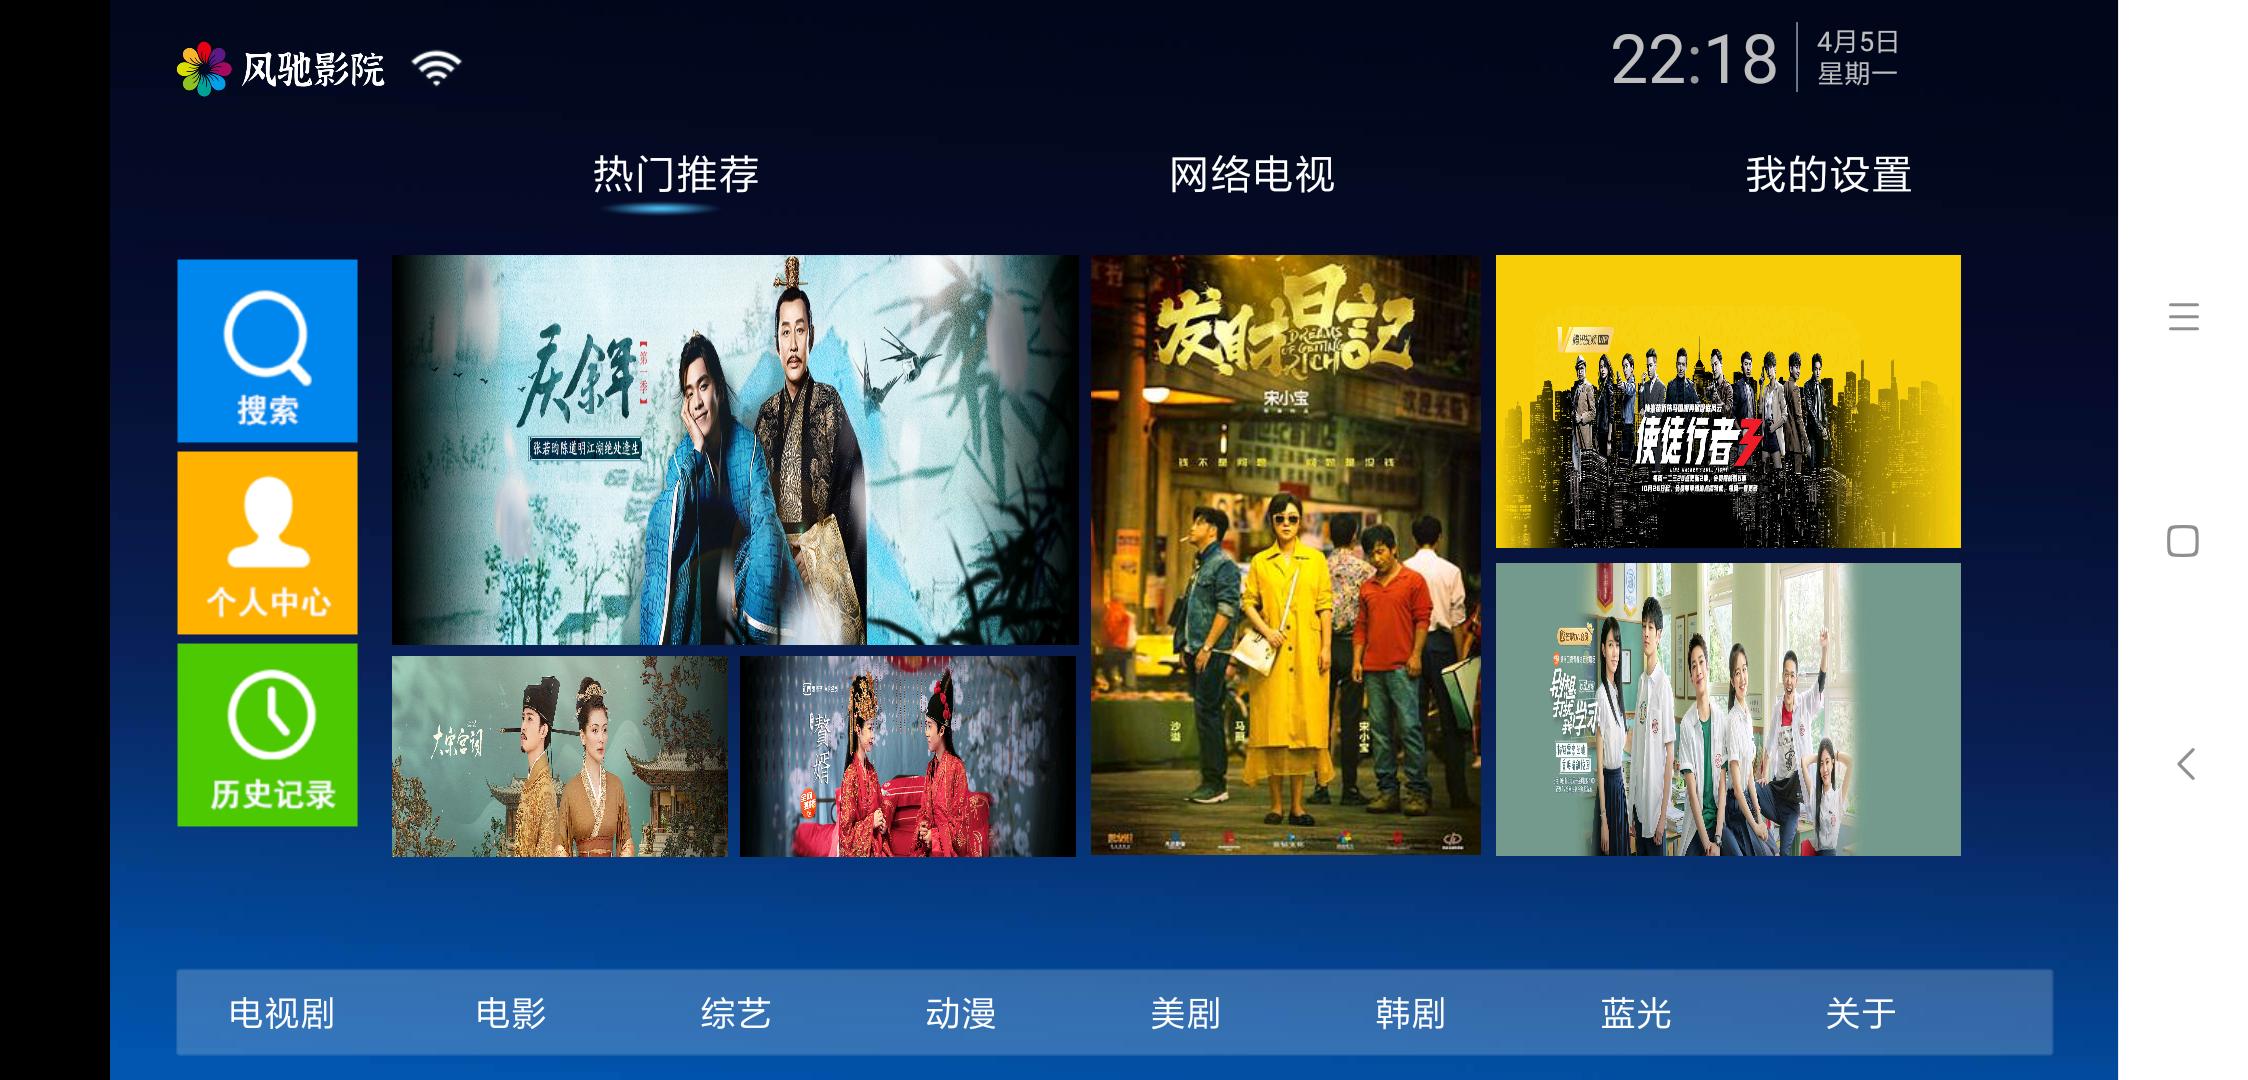 风驰影视TV盒子版v1.0.3 安卓版